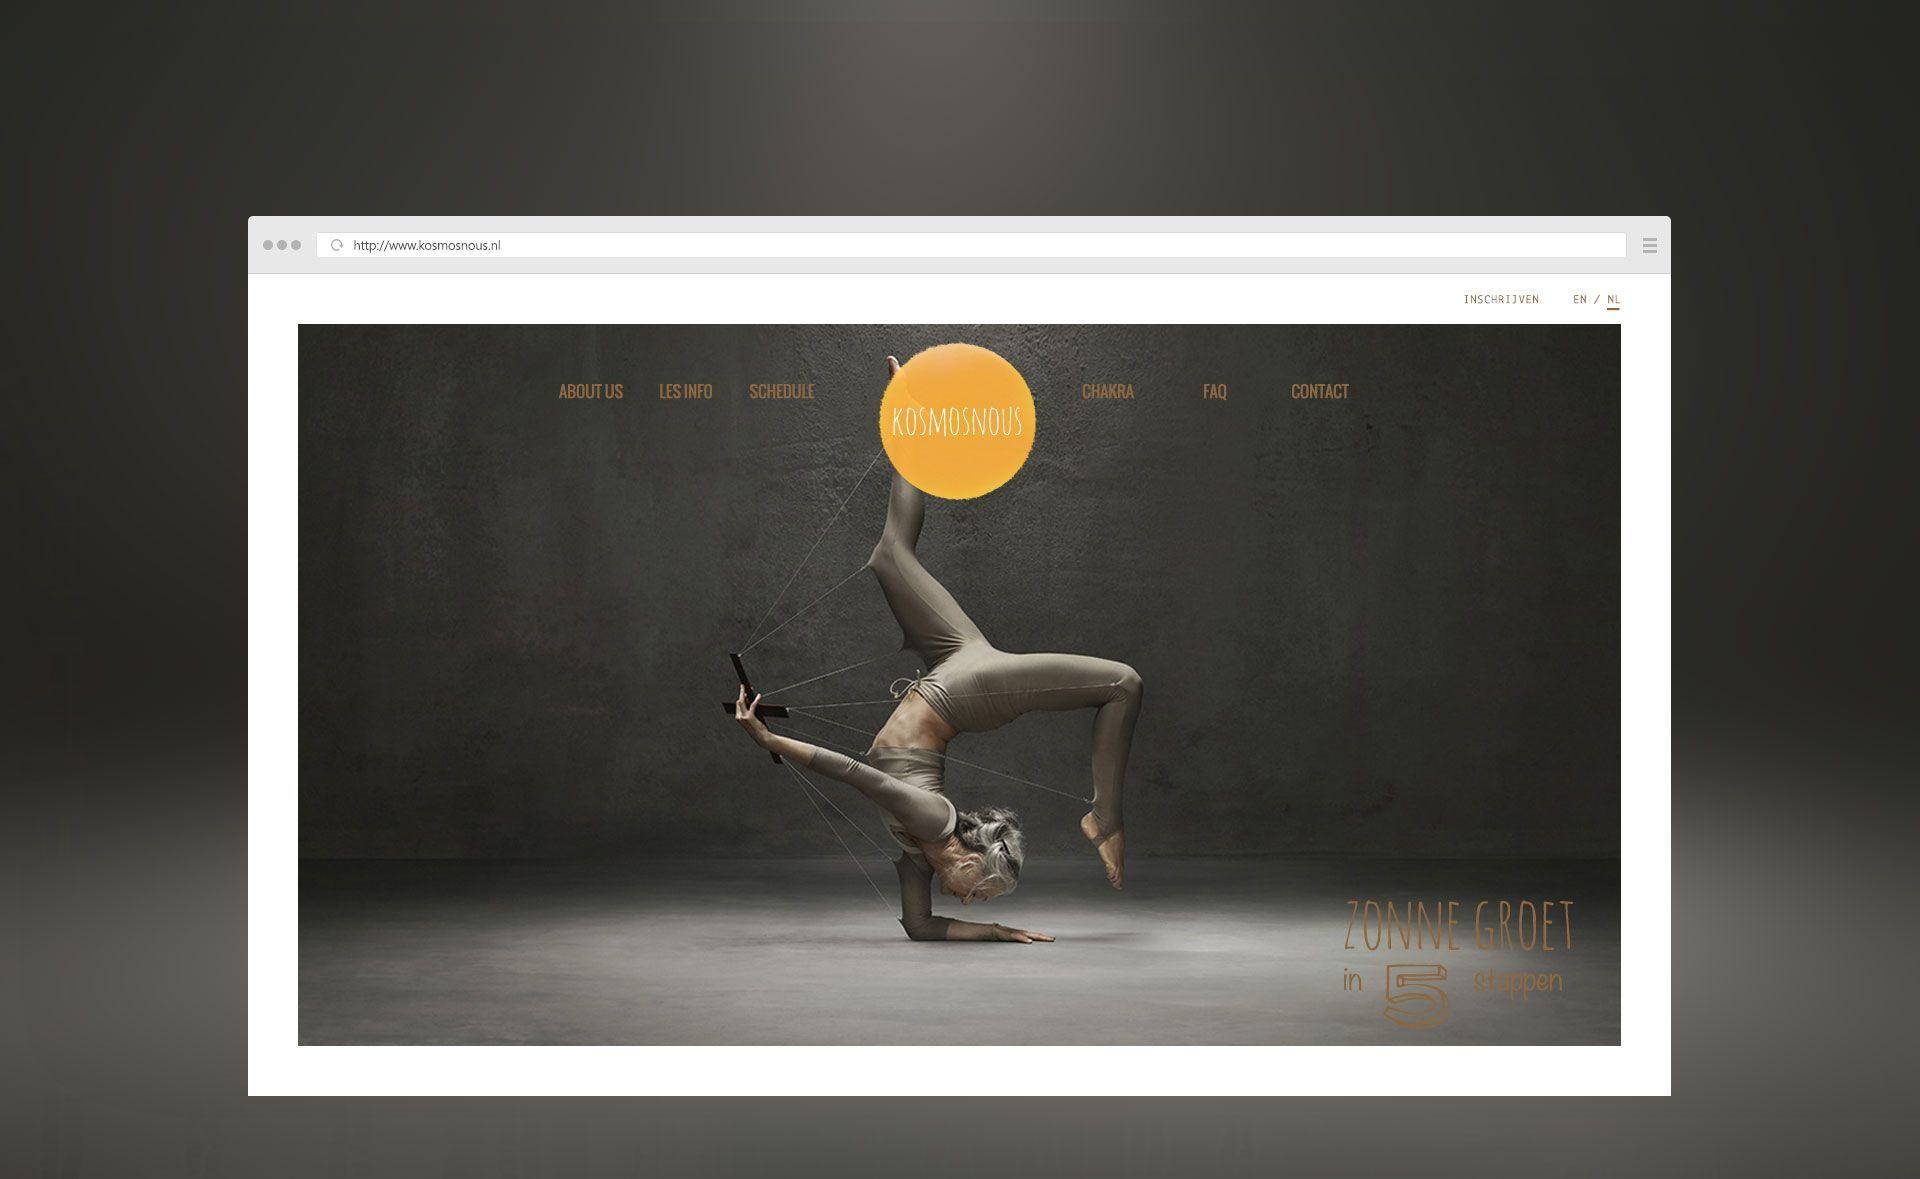 Kosmosnous Yoga